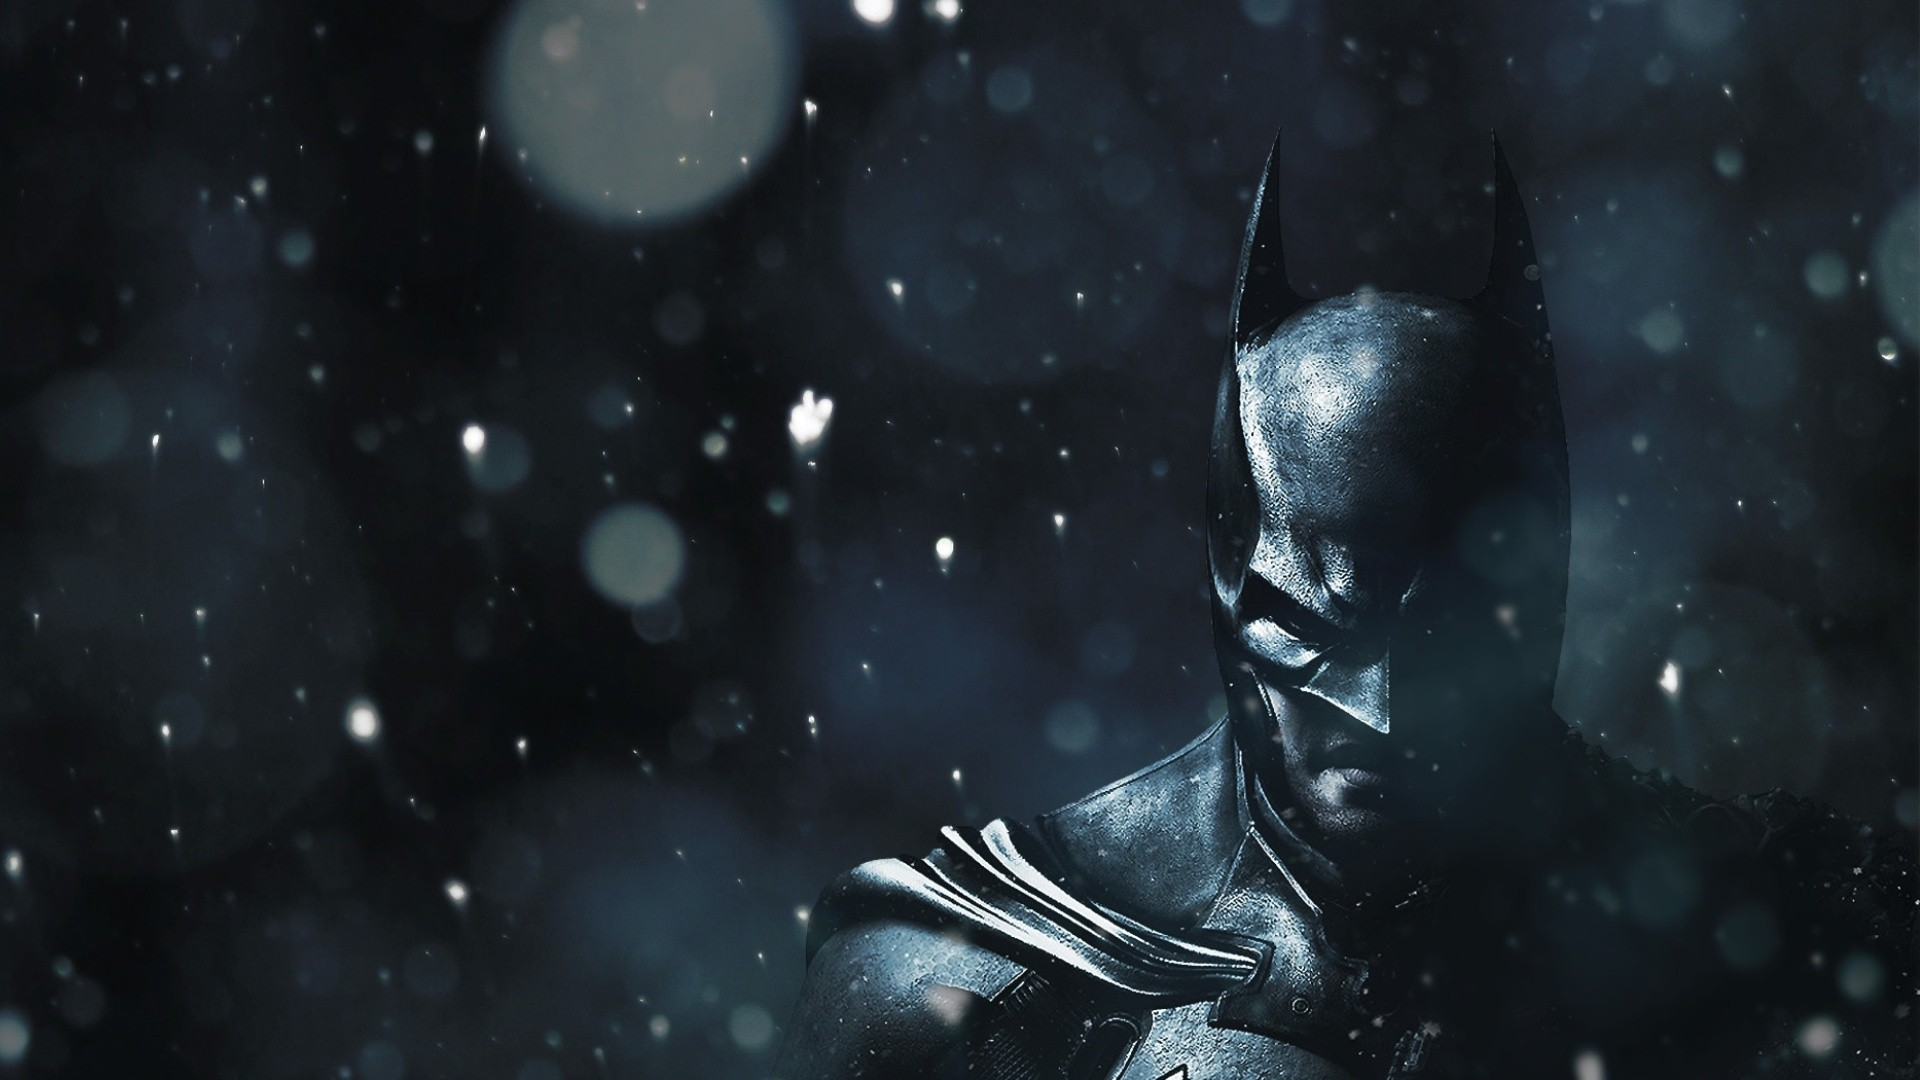 Hd wallpaper batman -  Hd Batman Wallpaper Download